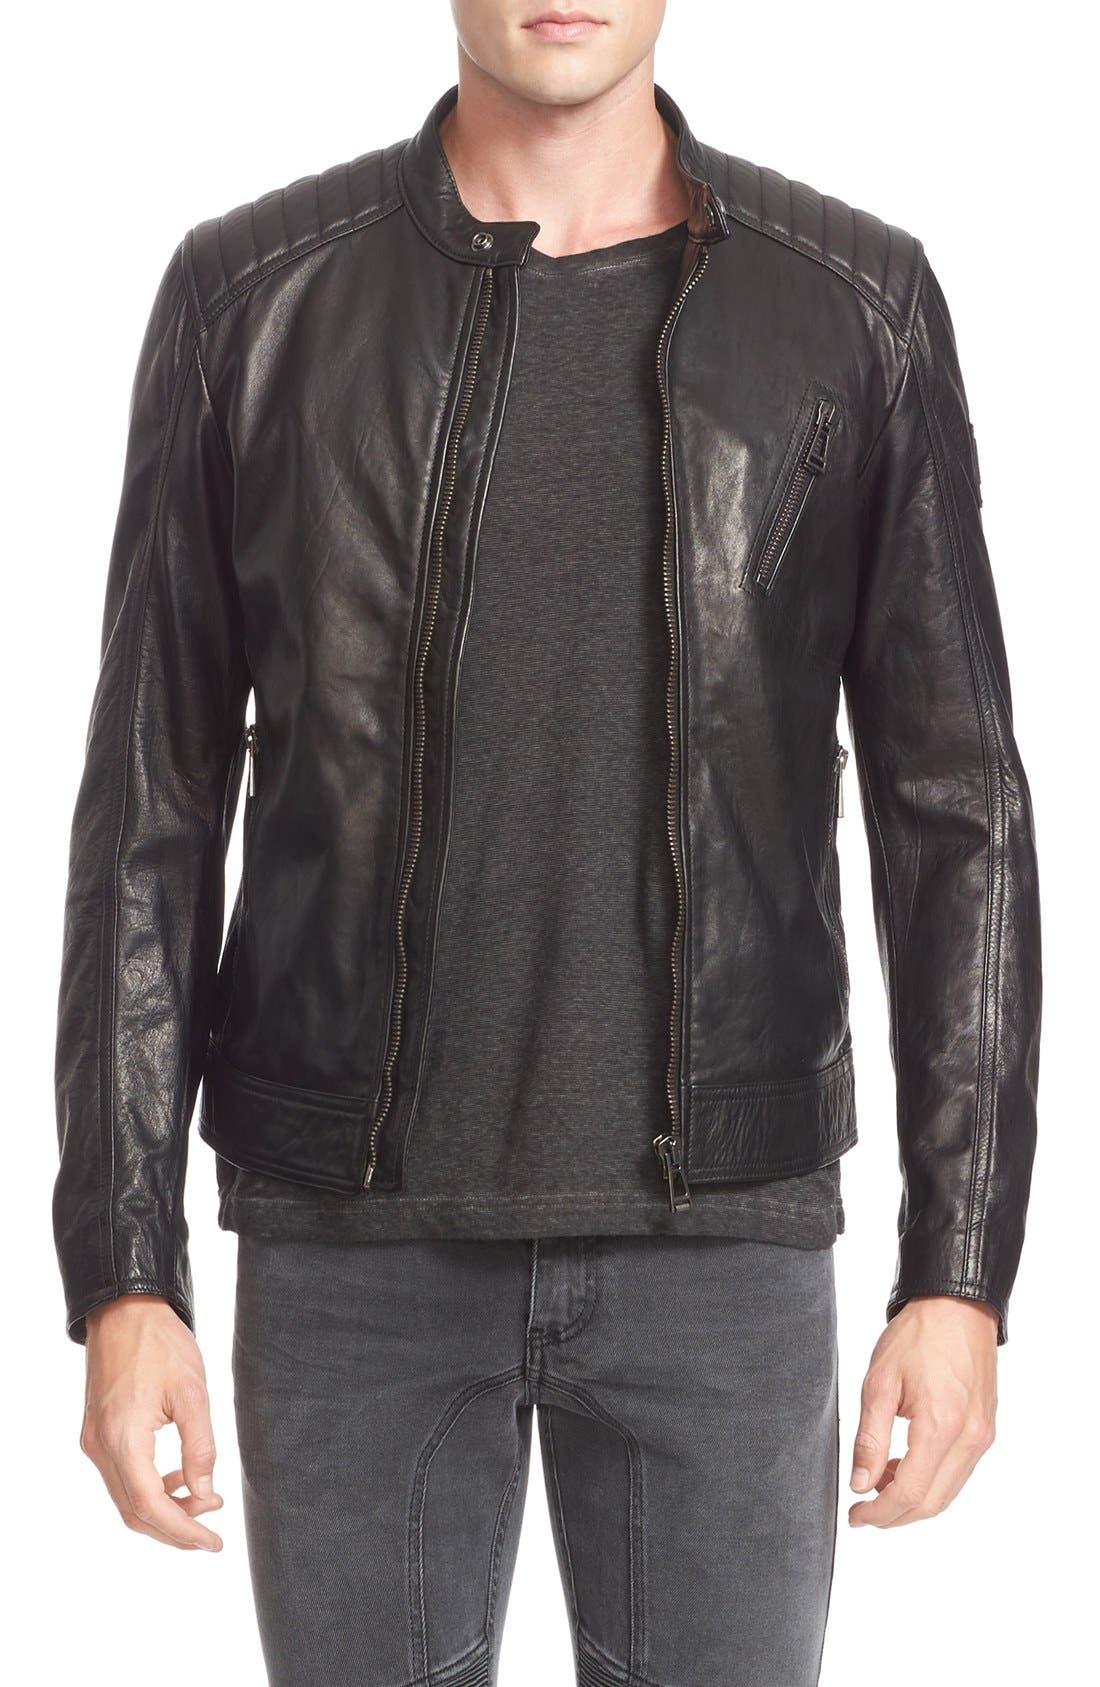 Alternate Image 1 Selected - Belstaff V Racer Leather Jacket